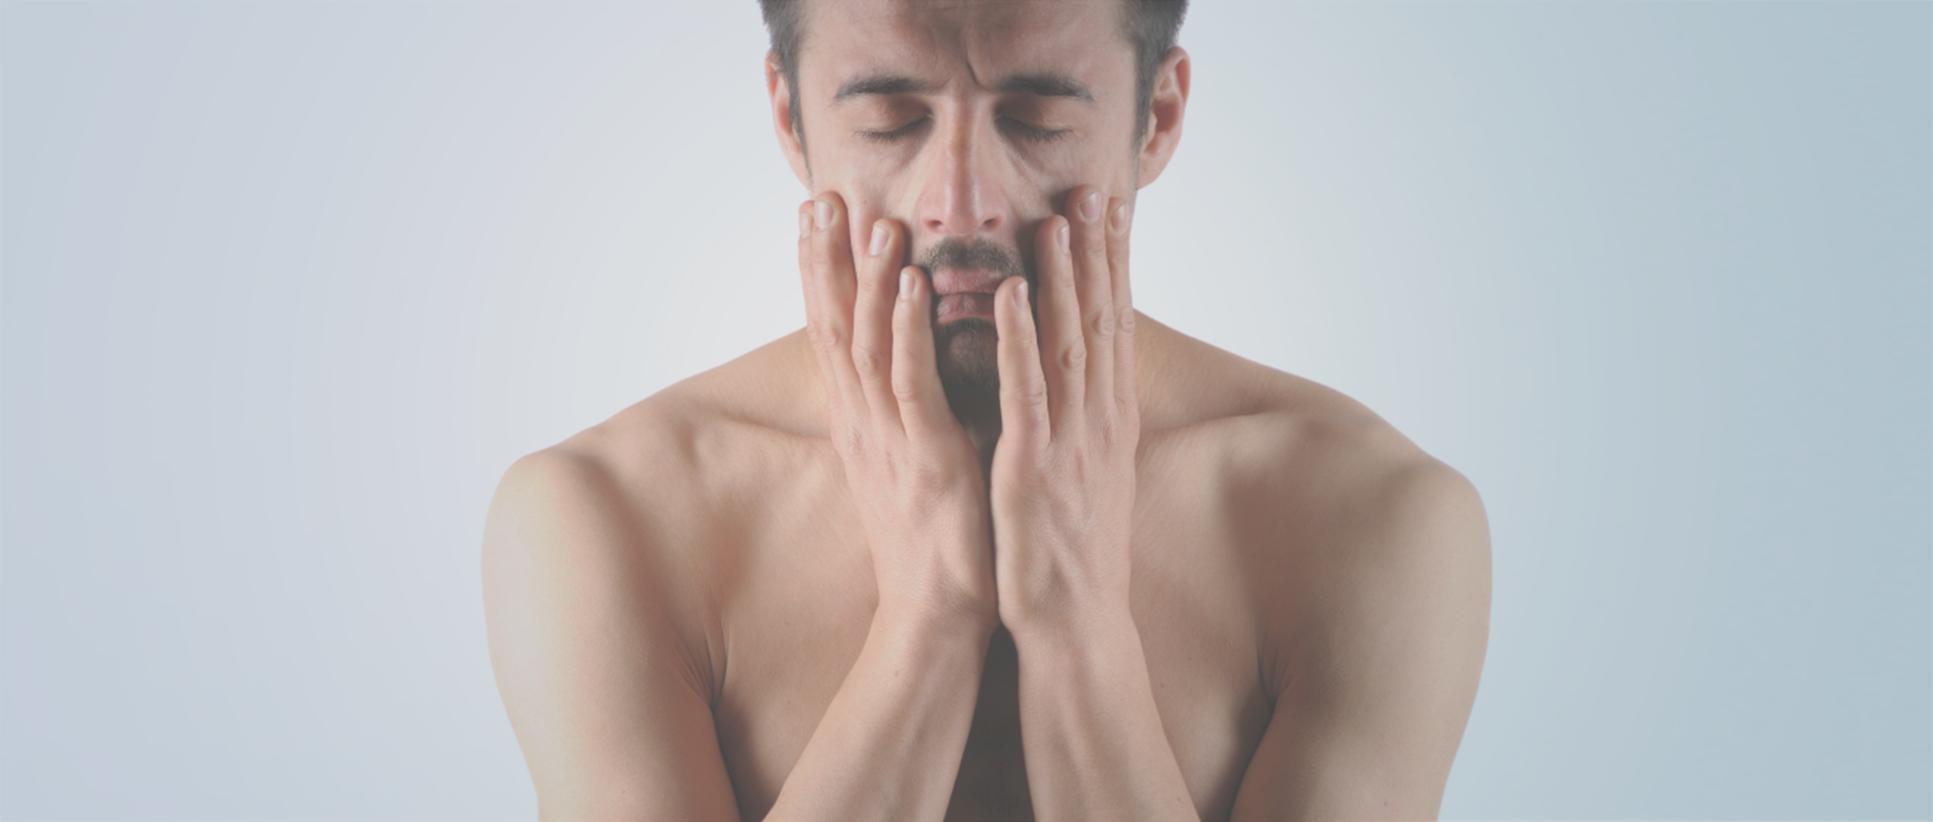 diagnosticar a ejaculação precoce